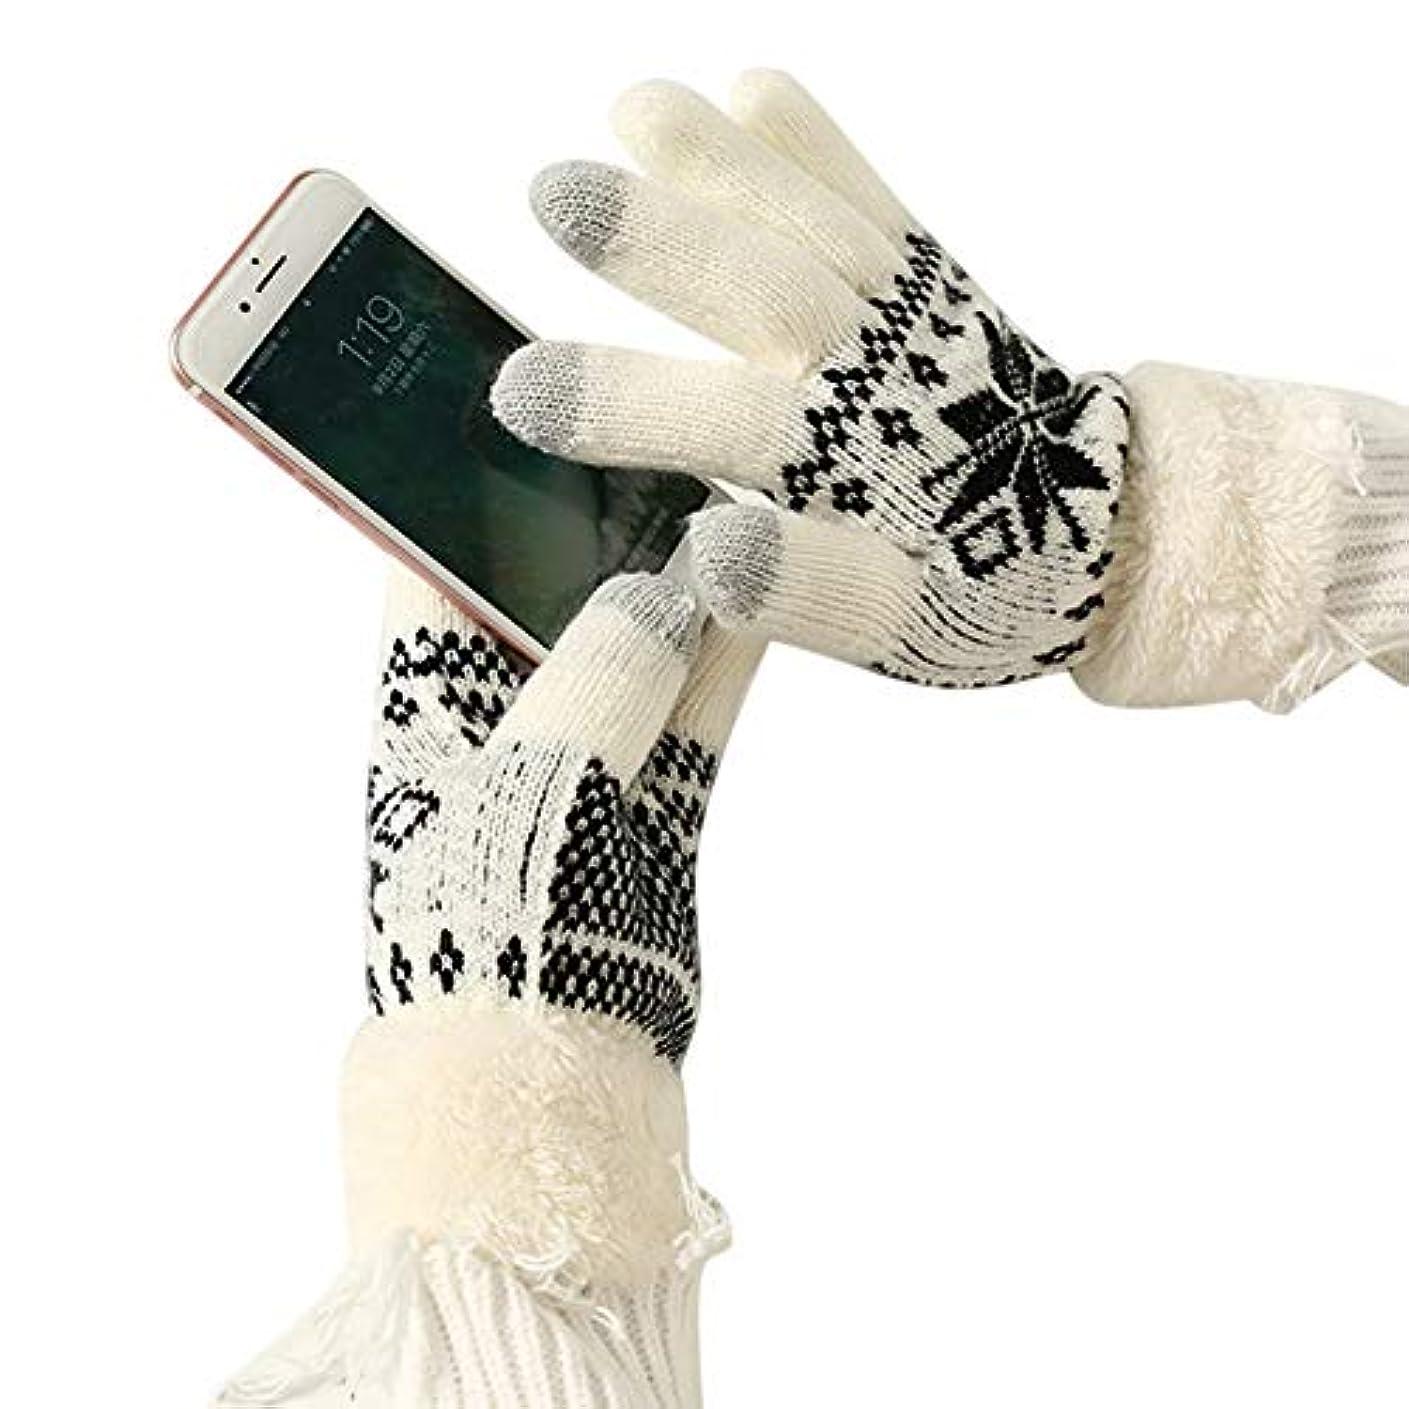 本部変装した間隔Tengfly Women Touchscreen Gloves, Winter Warm Knit Gloves,Soft Extra-Warm Fleece Touchscreen Gloves,Snow Flower Knitting Thicken For Women Winter Outdoor 2019 New Christmas Gift